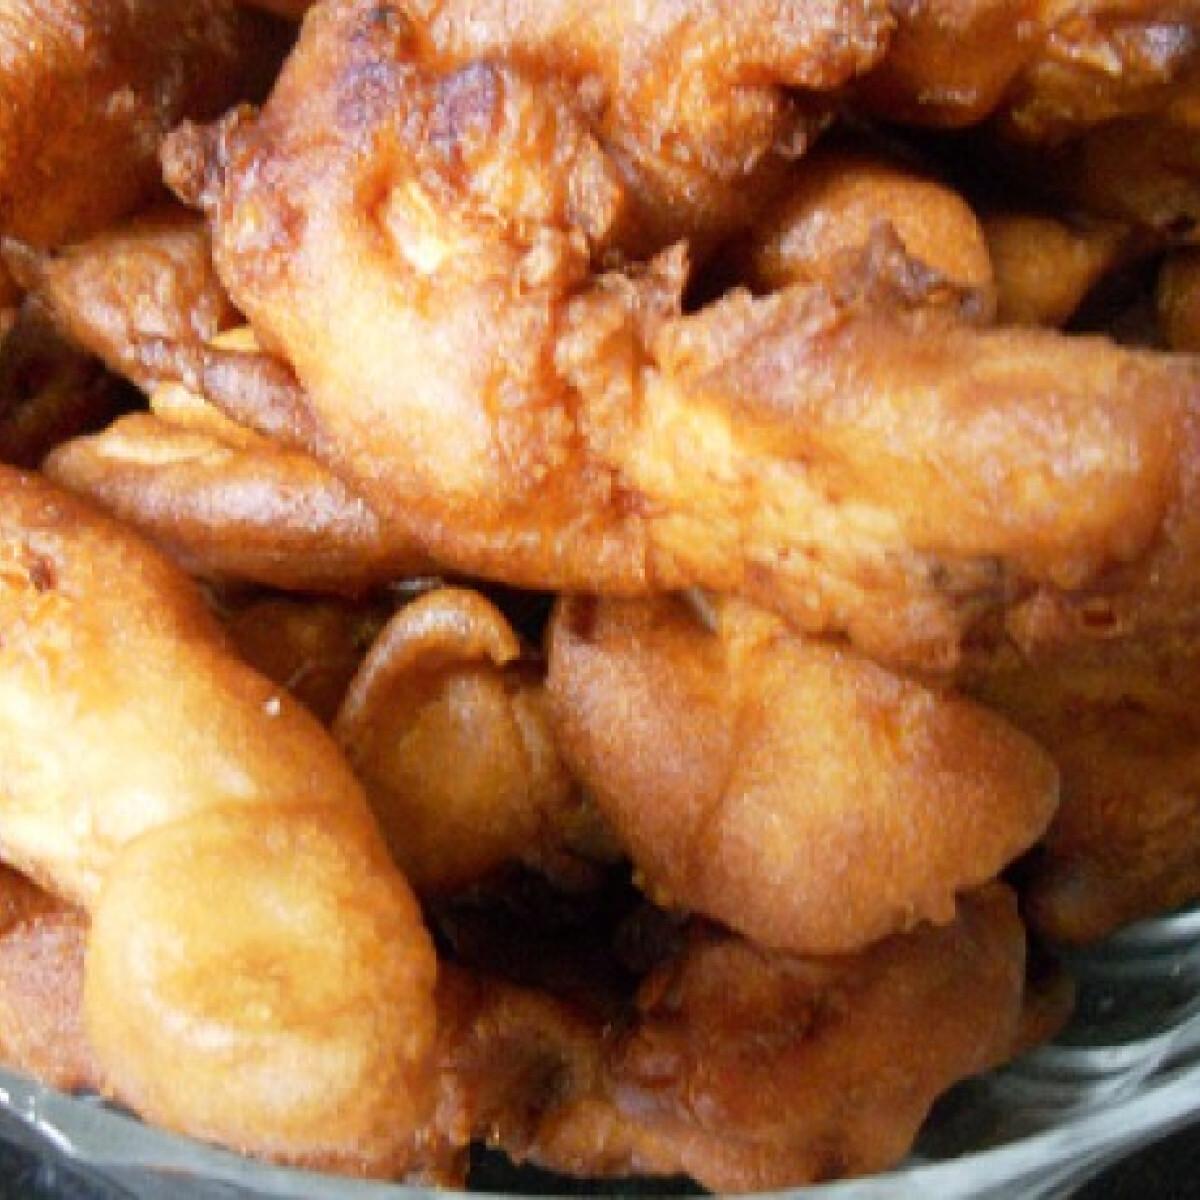 Ezen a képen: Csirkemellcsíkok sörtésztában